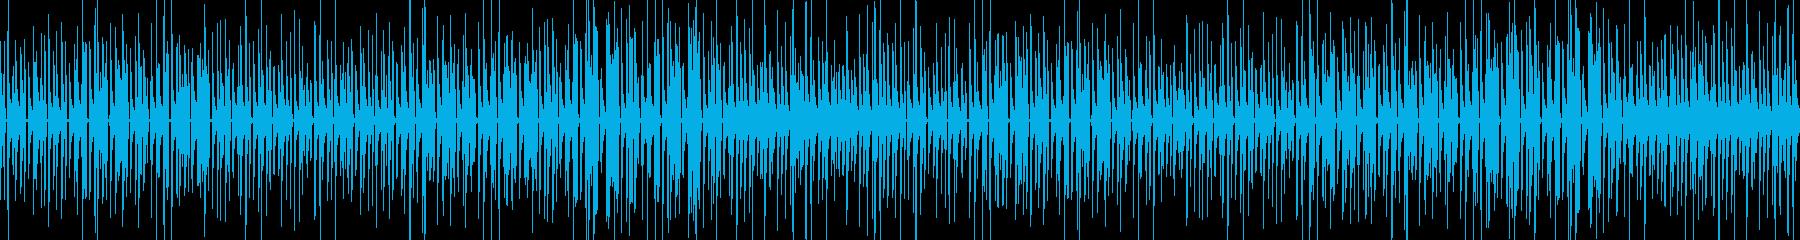 【ループ版】YouTubeウクレレ口笛の再生済みの波形